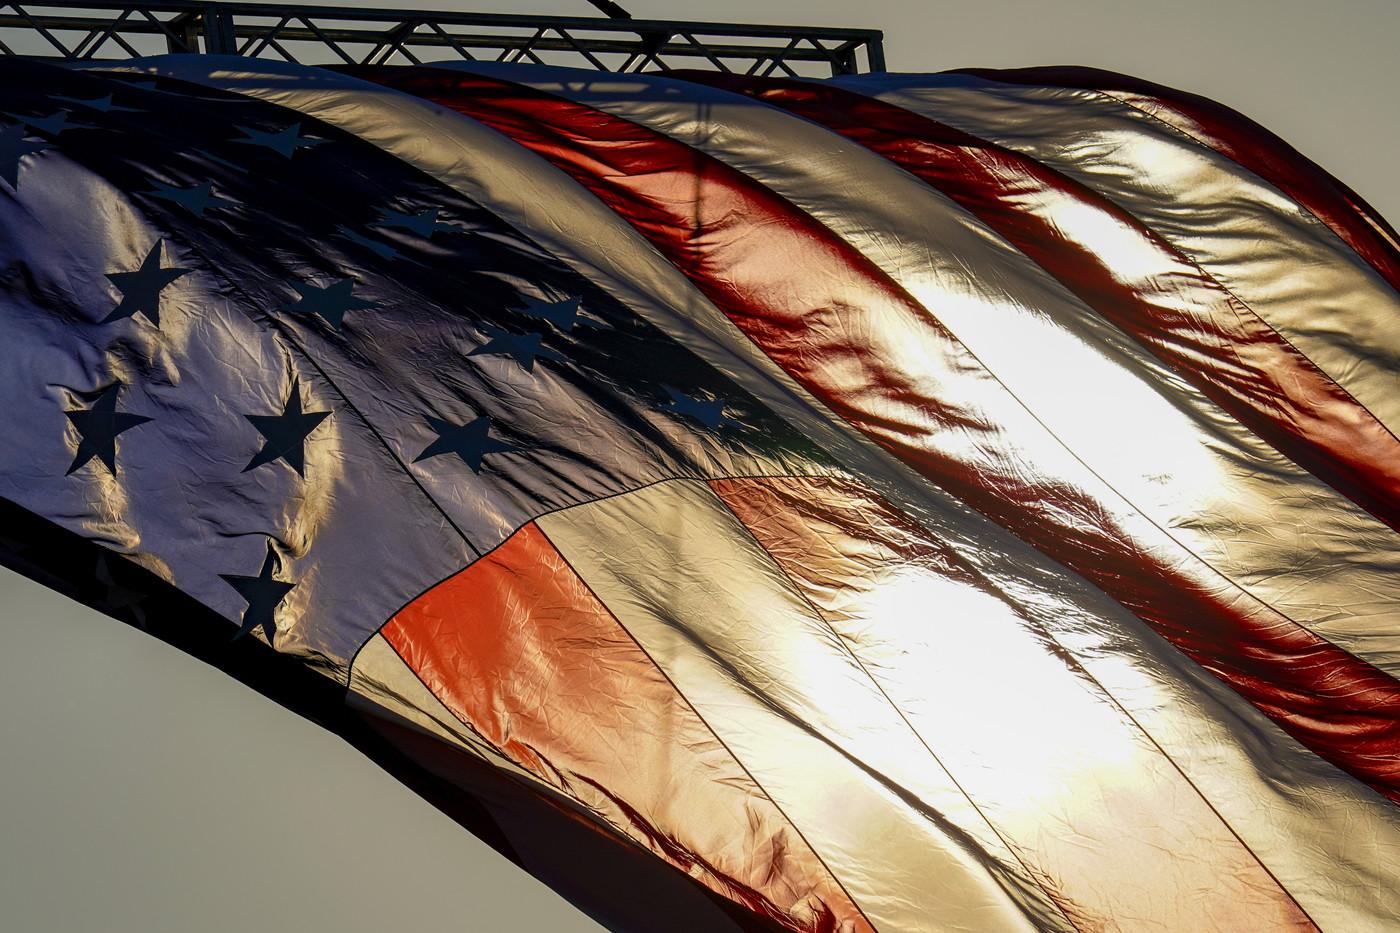 Usa 2020, guida al voto: primarie e grandi elettori, così si elegge il presidente